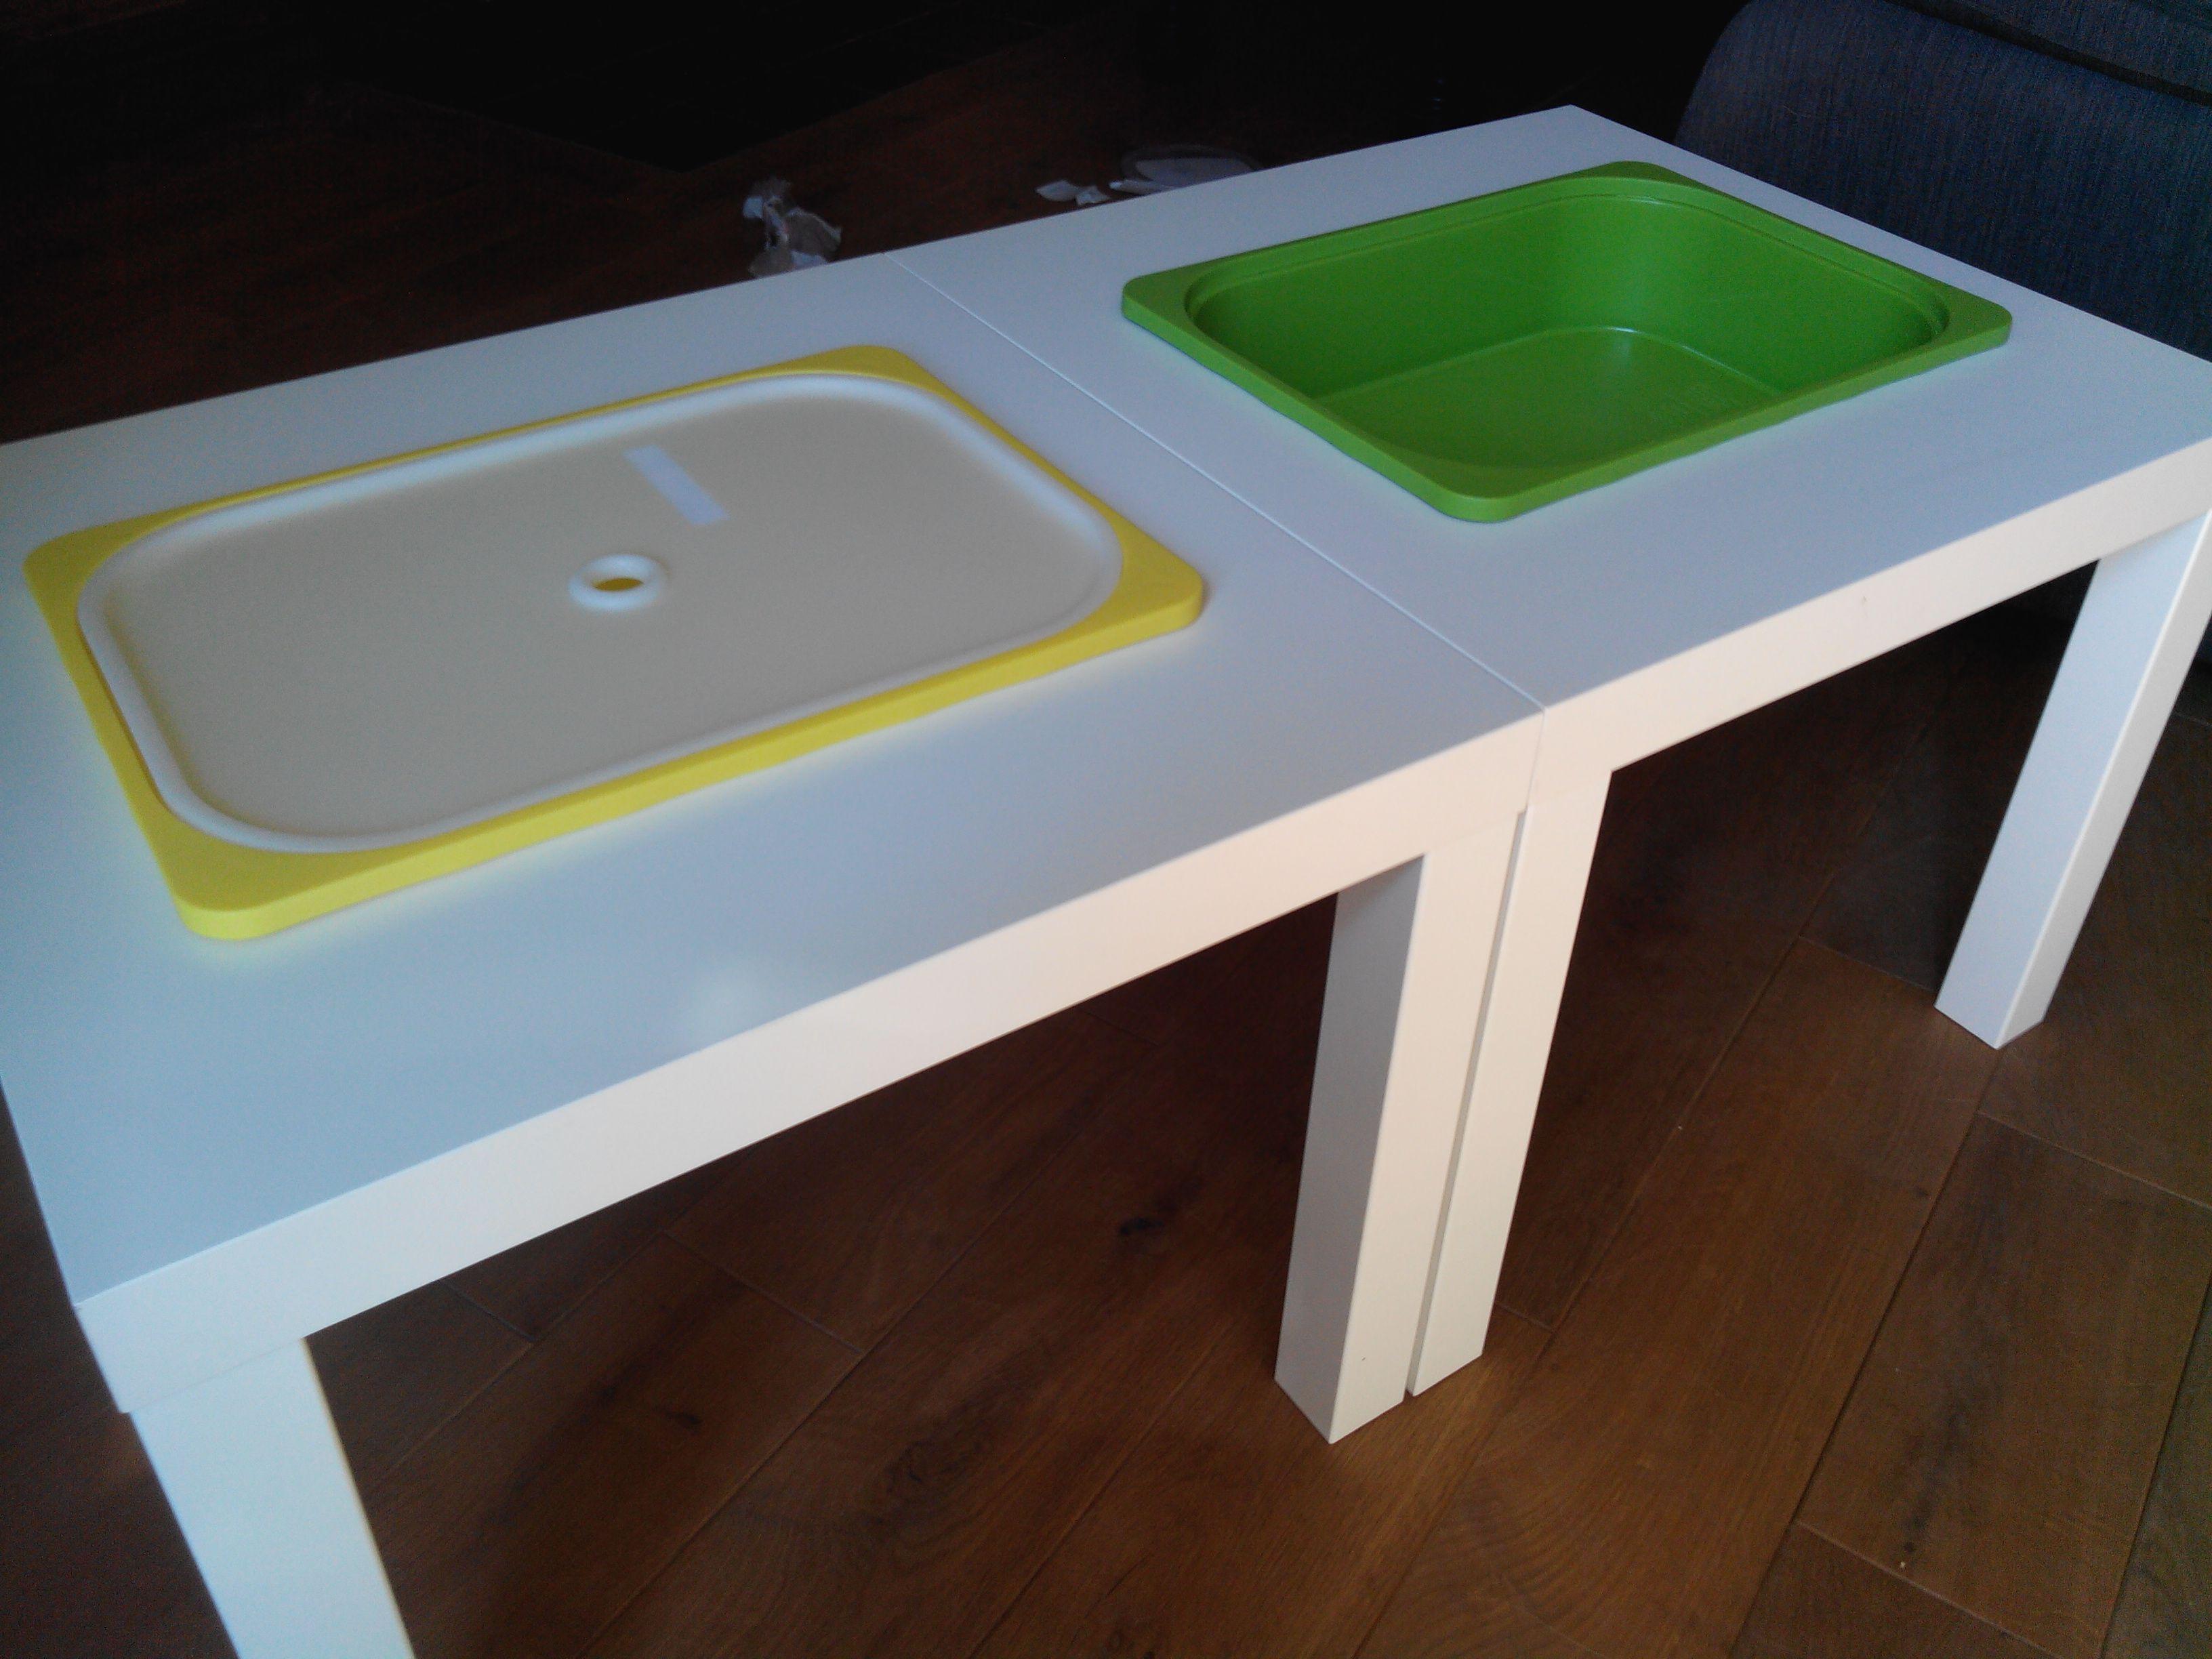 f5b93b6a9b9459e1931ab47a46877204 Luxe De Fabriquer Table Basse Tactile Schème